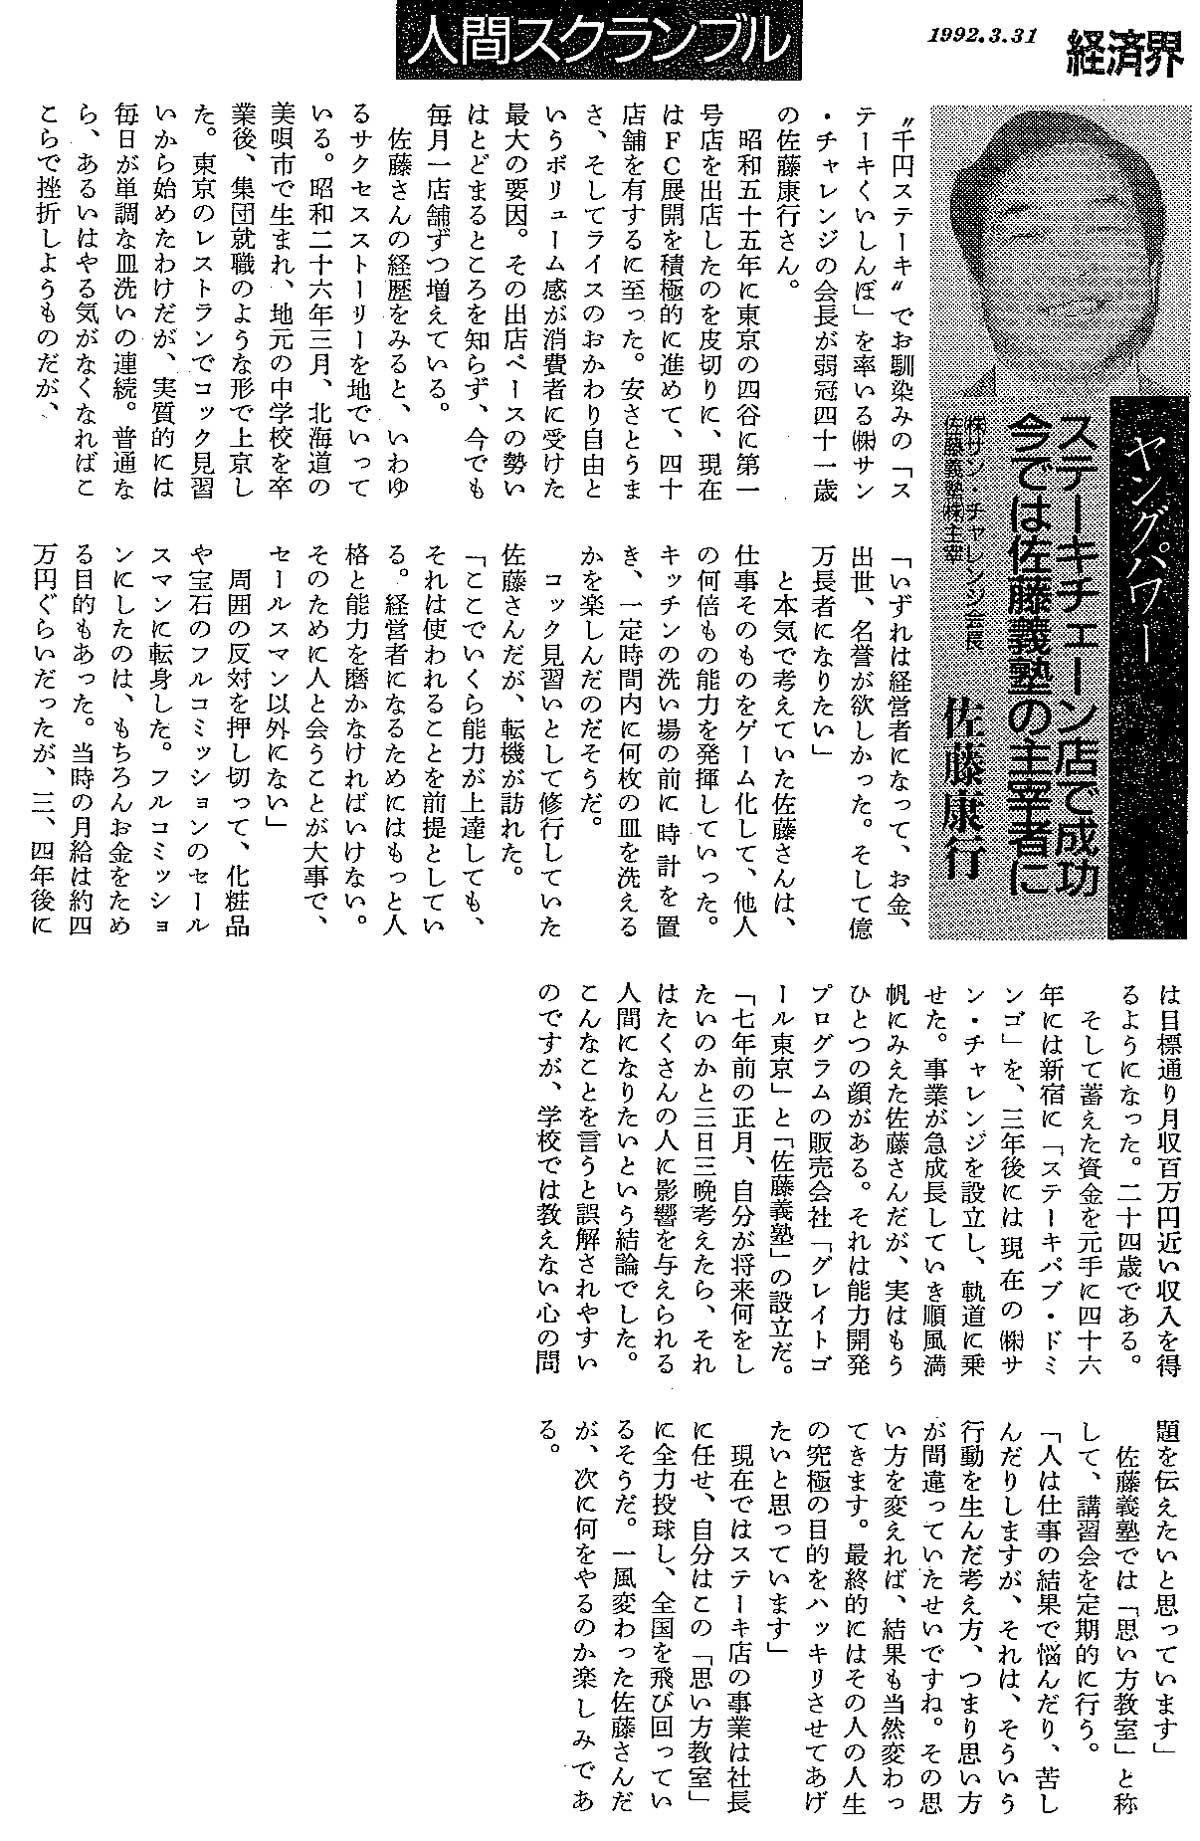 【経済界「人間スクランブル」】(1992年3月31日)に掲載